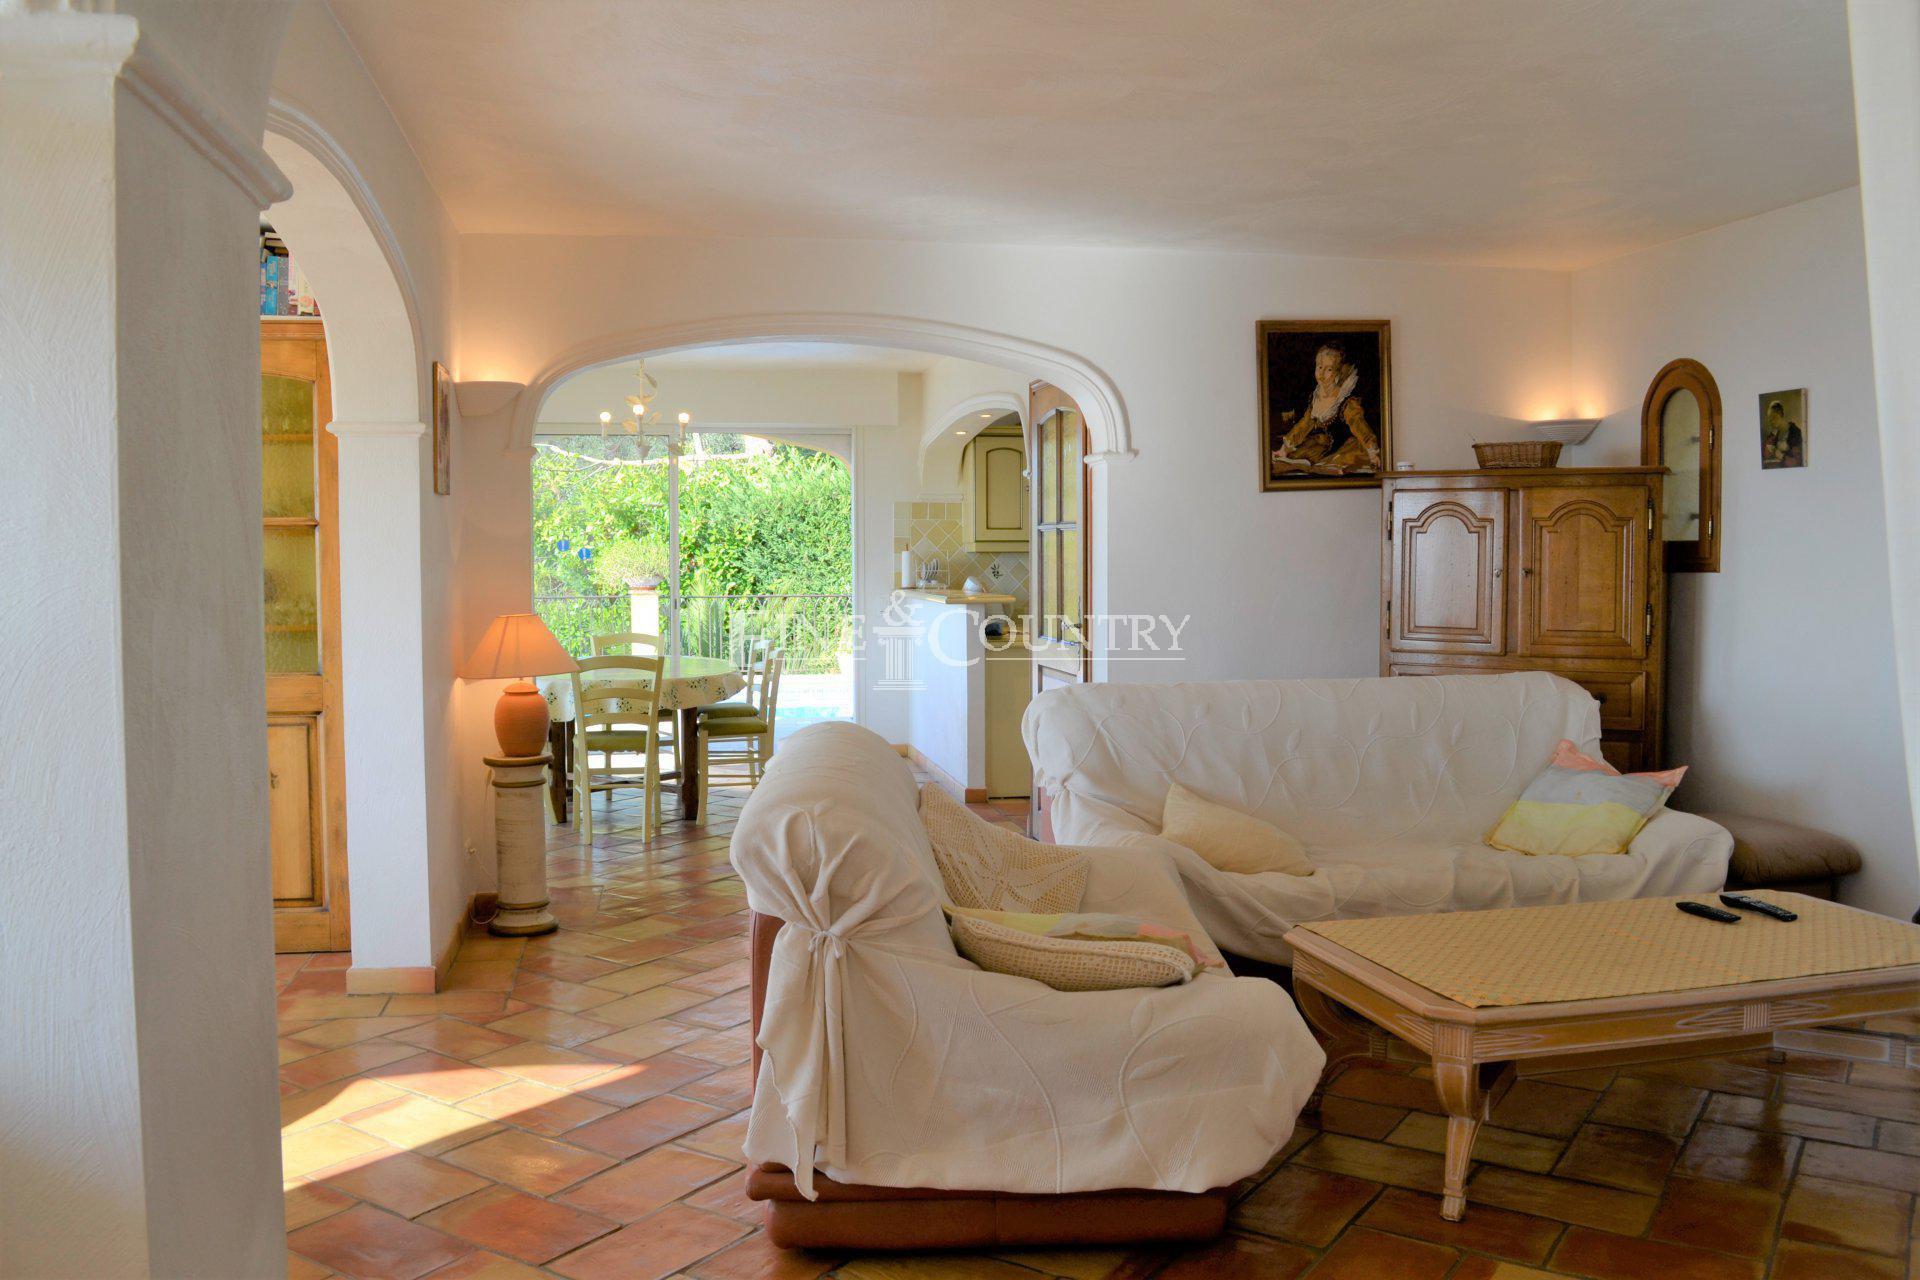 Living-room, heated floor